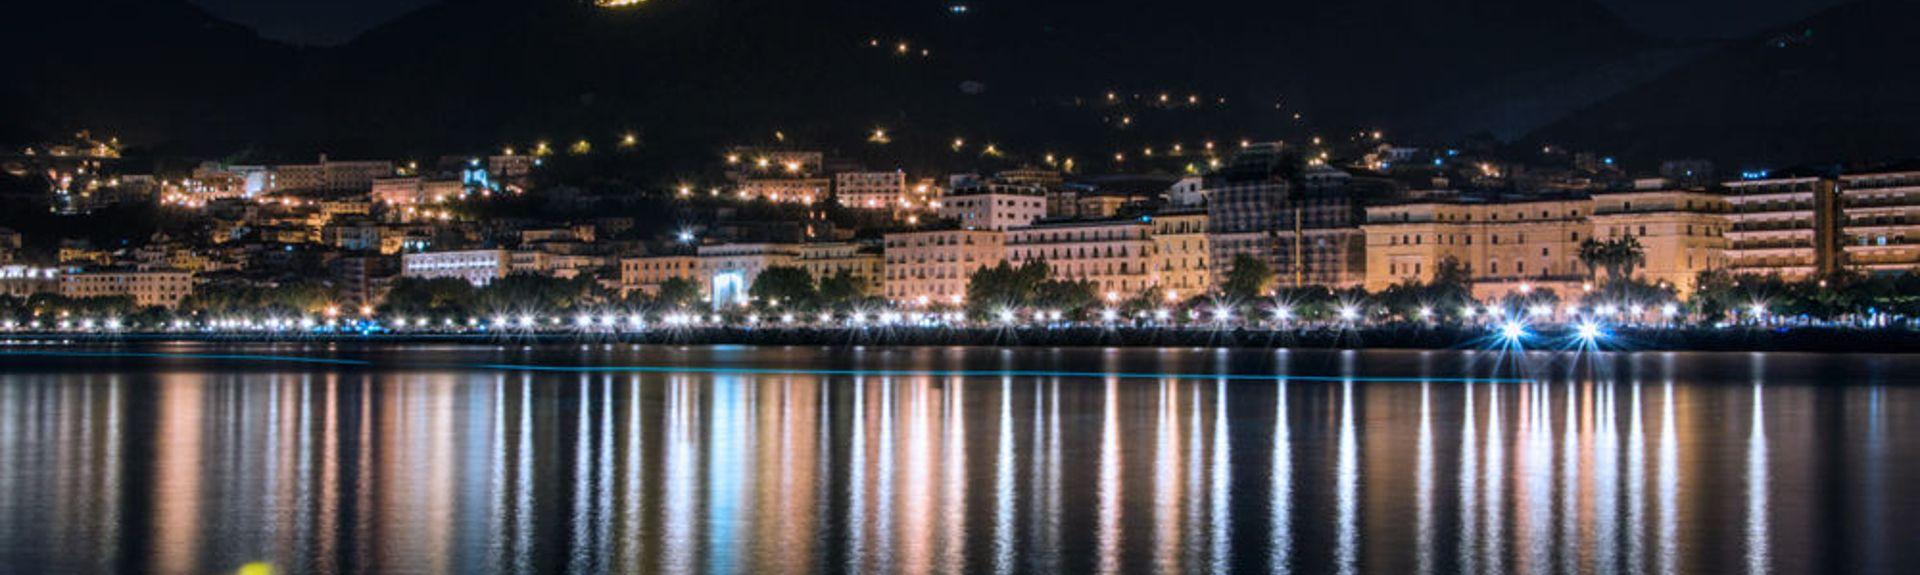 Battipaglia, Campania, Italy